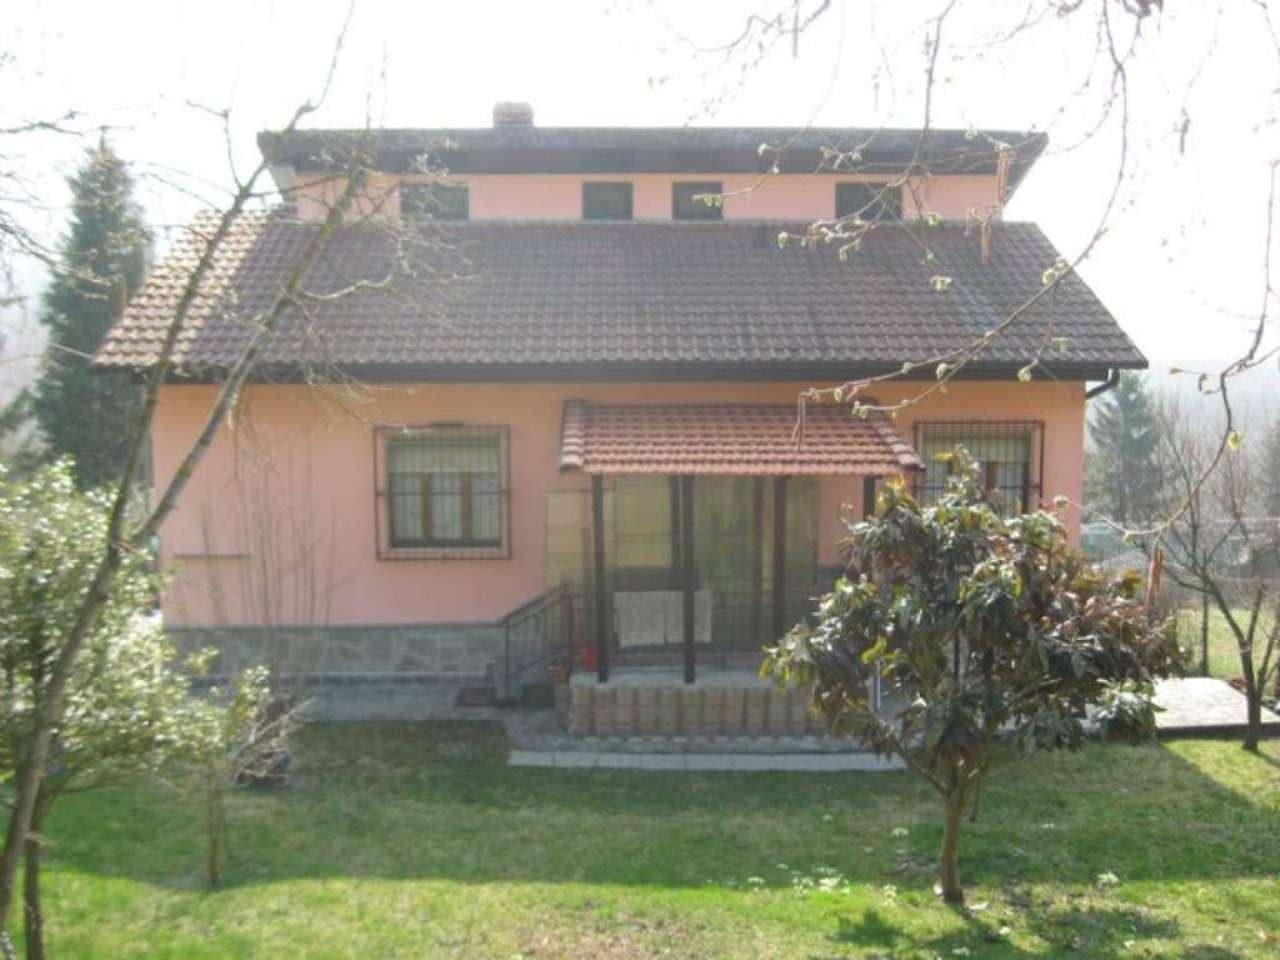 Villa in vendita a Cocconato, 15 locali, prezzo € 180.000 | Cambio Casa.it